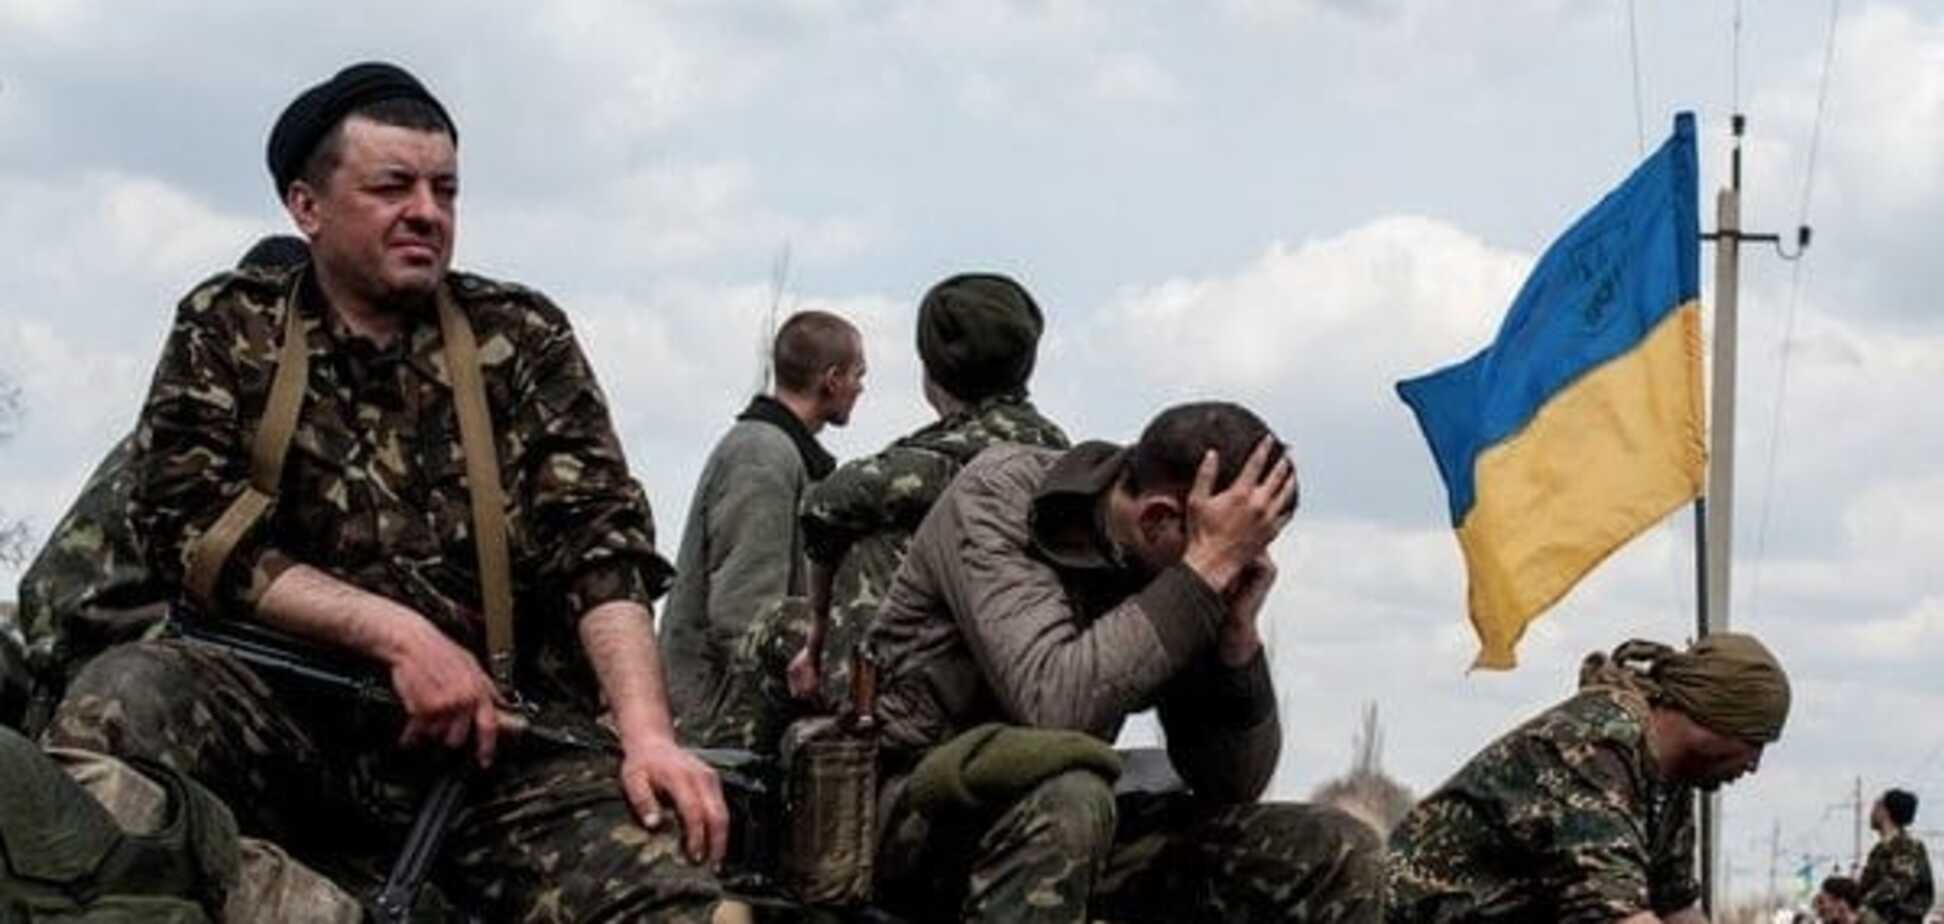 Стало известно о гибели еще одного украинского военного в новом году